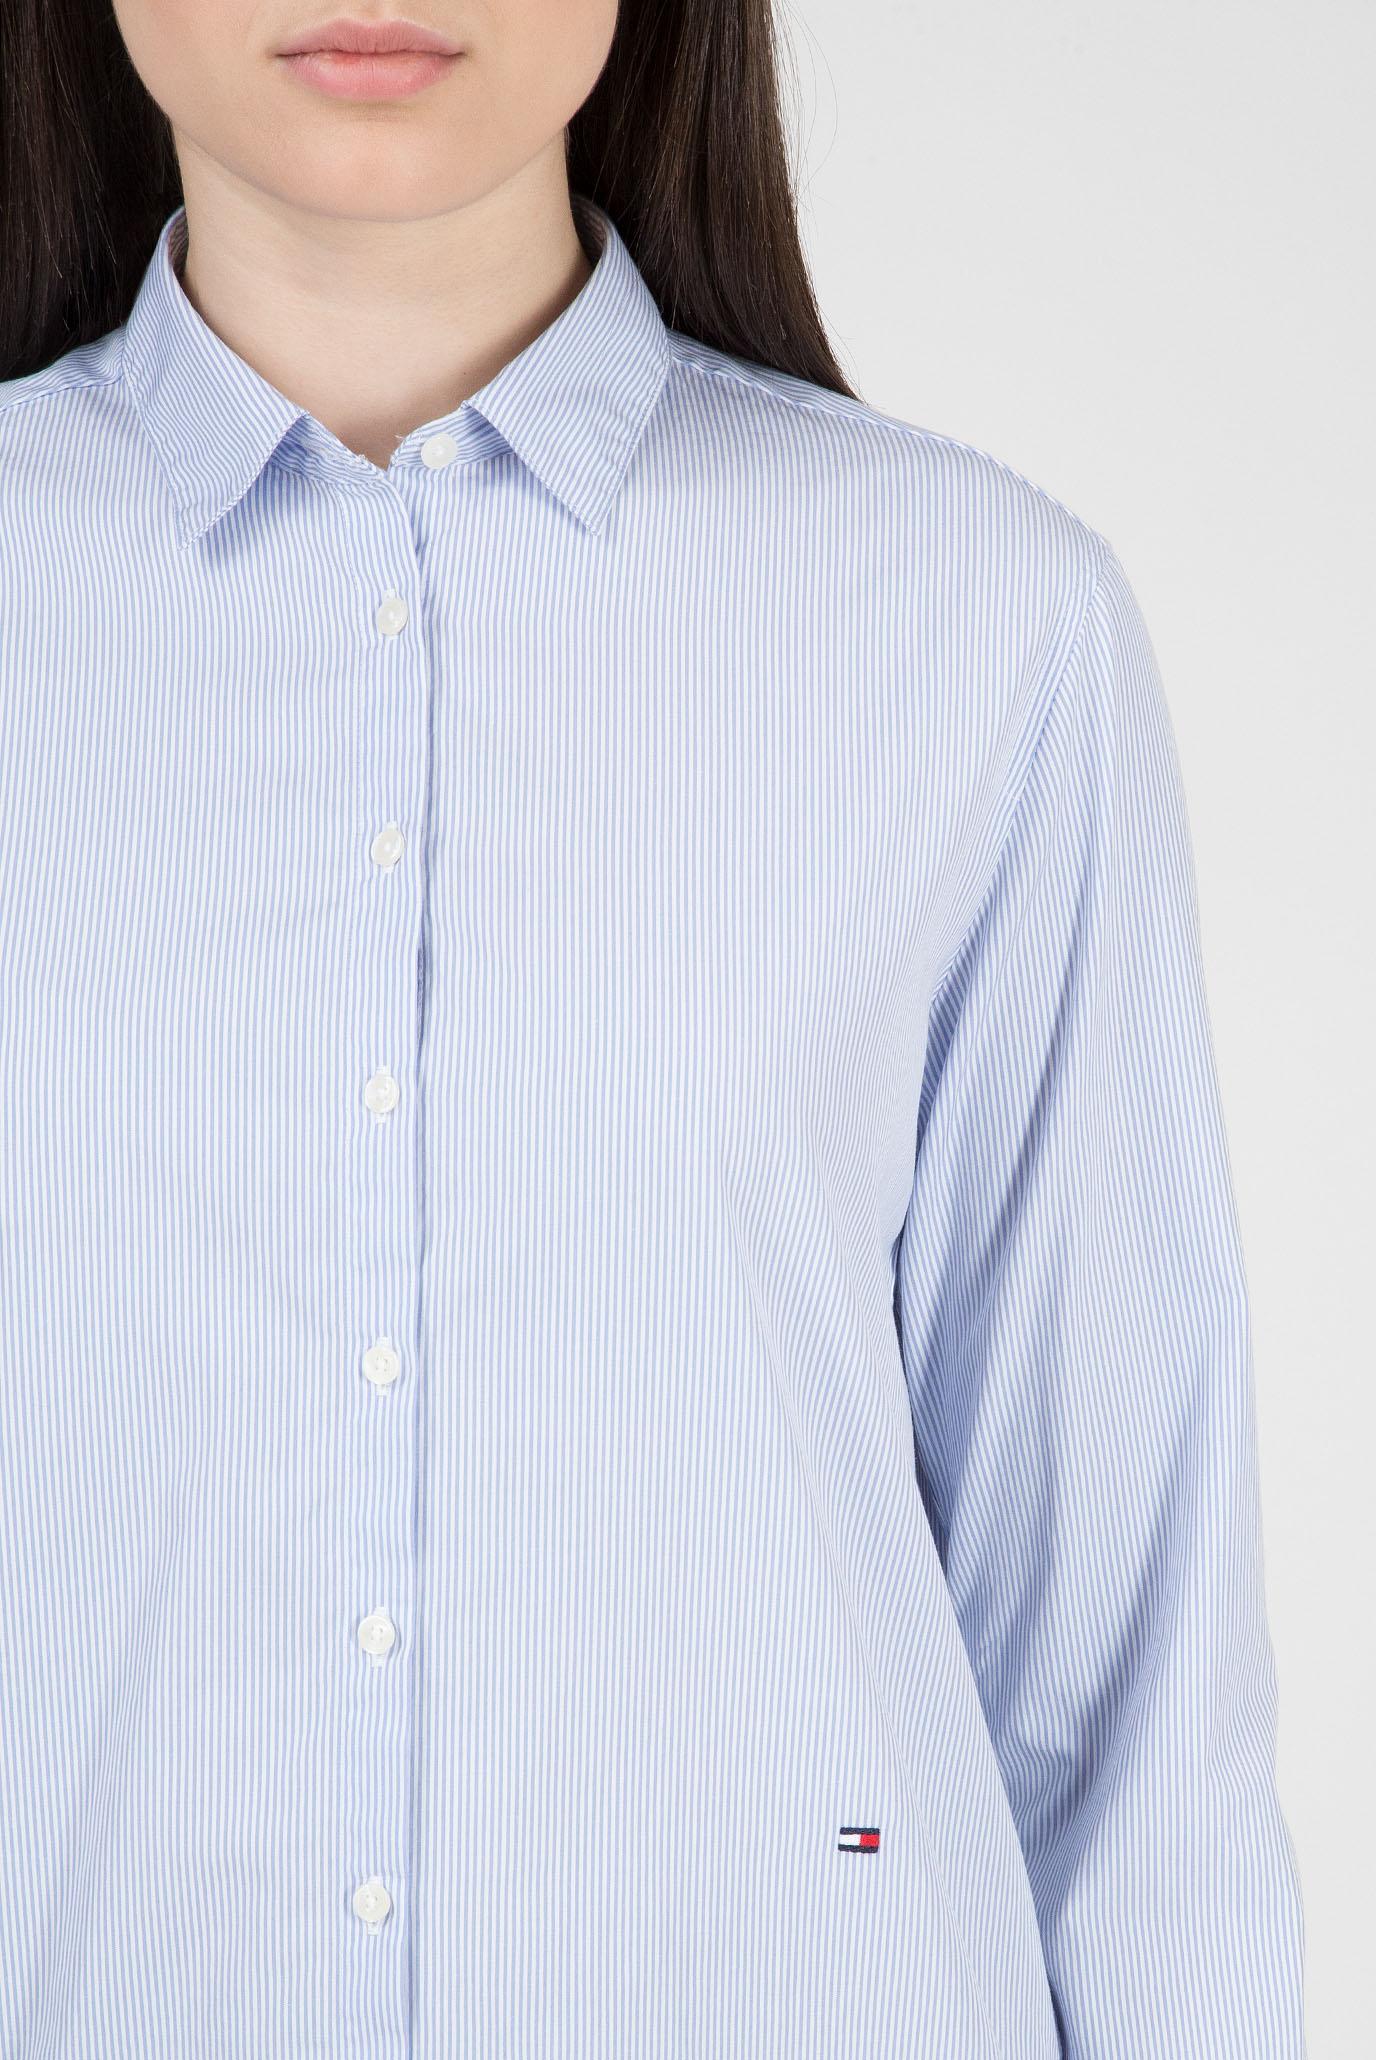 Купить Женская голубая рубашка в полоску MONICA Tommy Hilfiger Tommy Hilfiger WW0WW23981 – Киев, Украина. Цены в интернет магазине MD Fashion